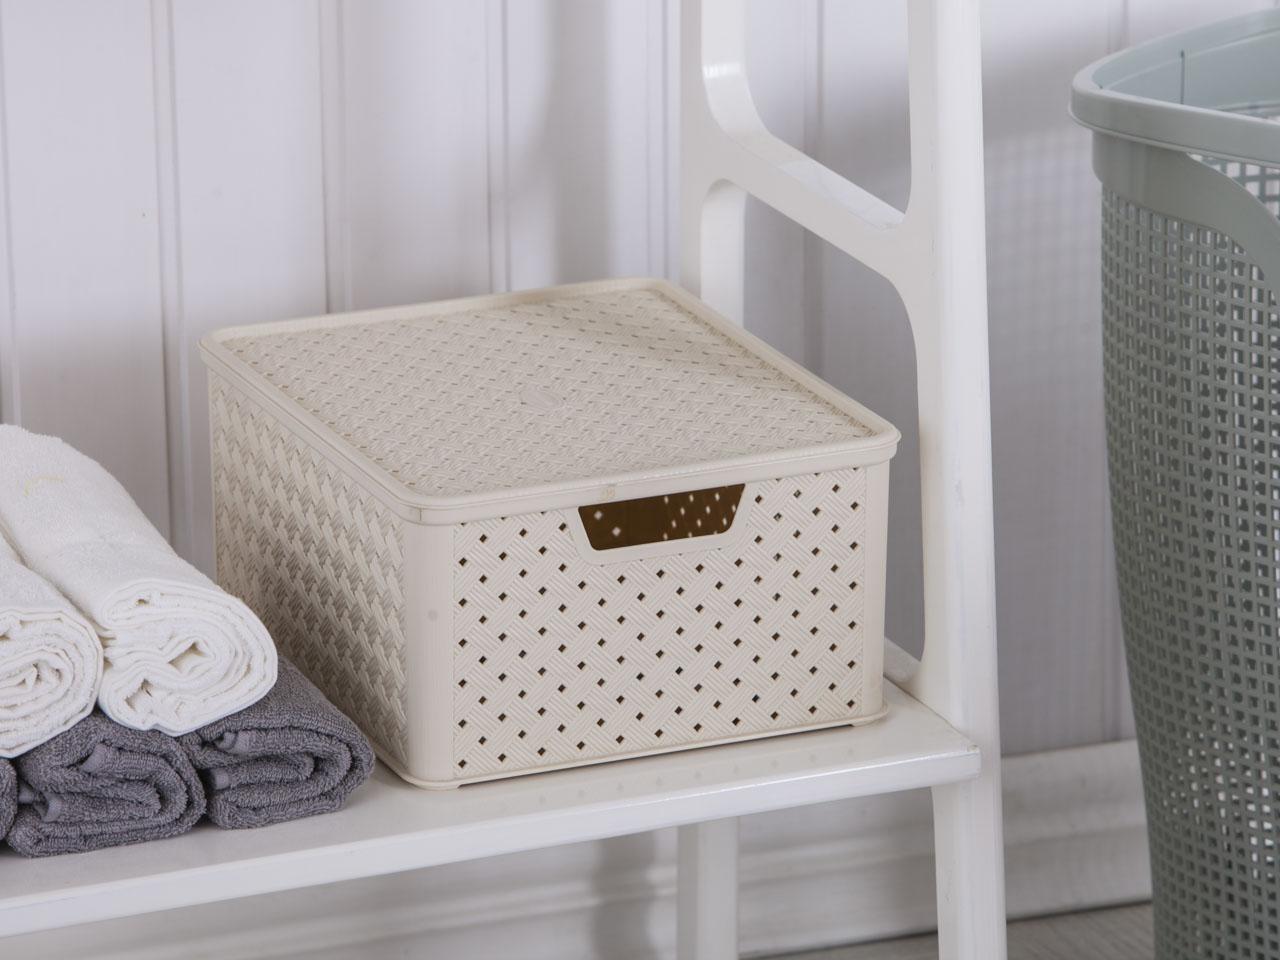 Koszyk / pojemnik do przechowywania duży z pokrywą Tontarelli Arianna 33,2x29x16,5 cm kremowy